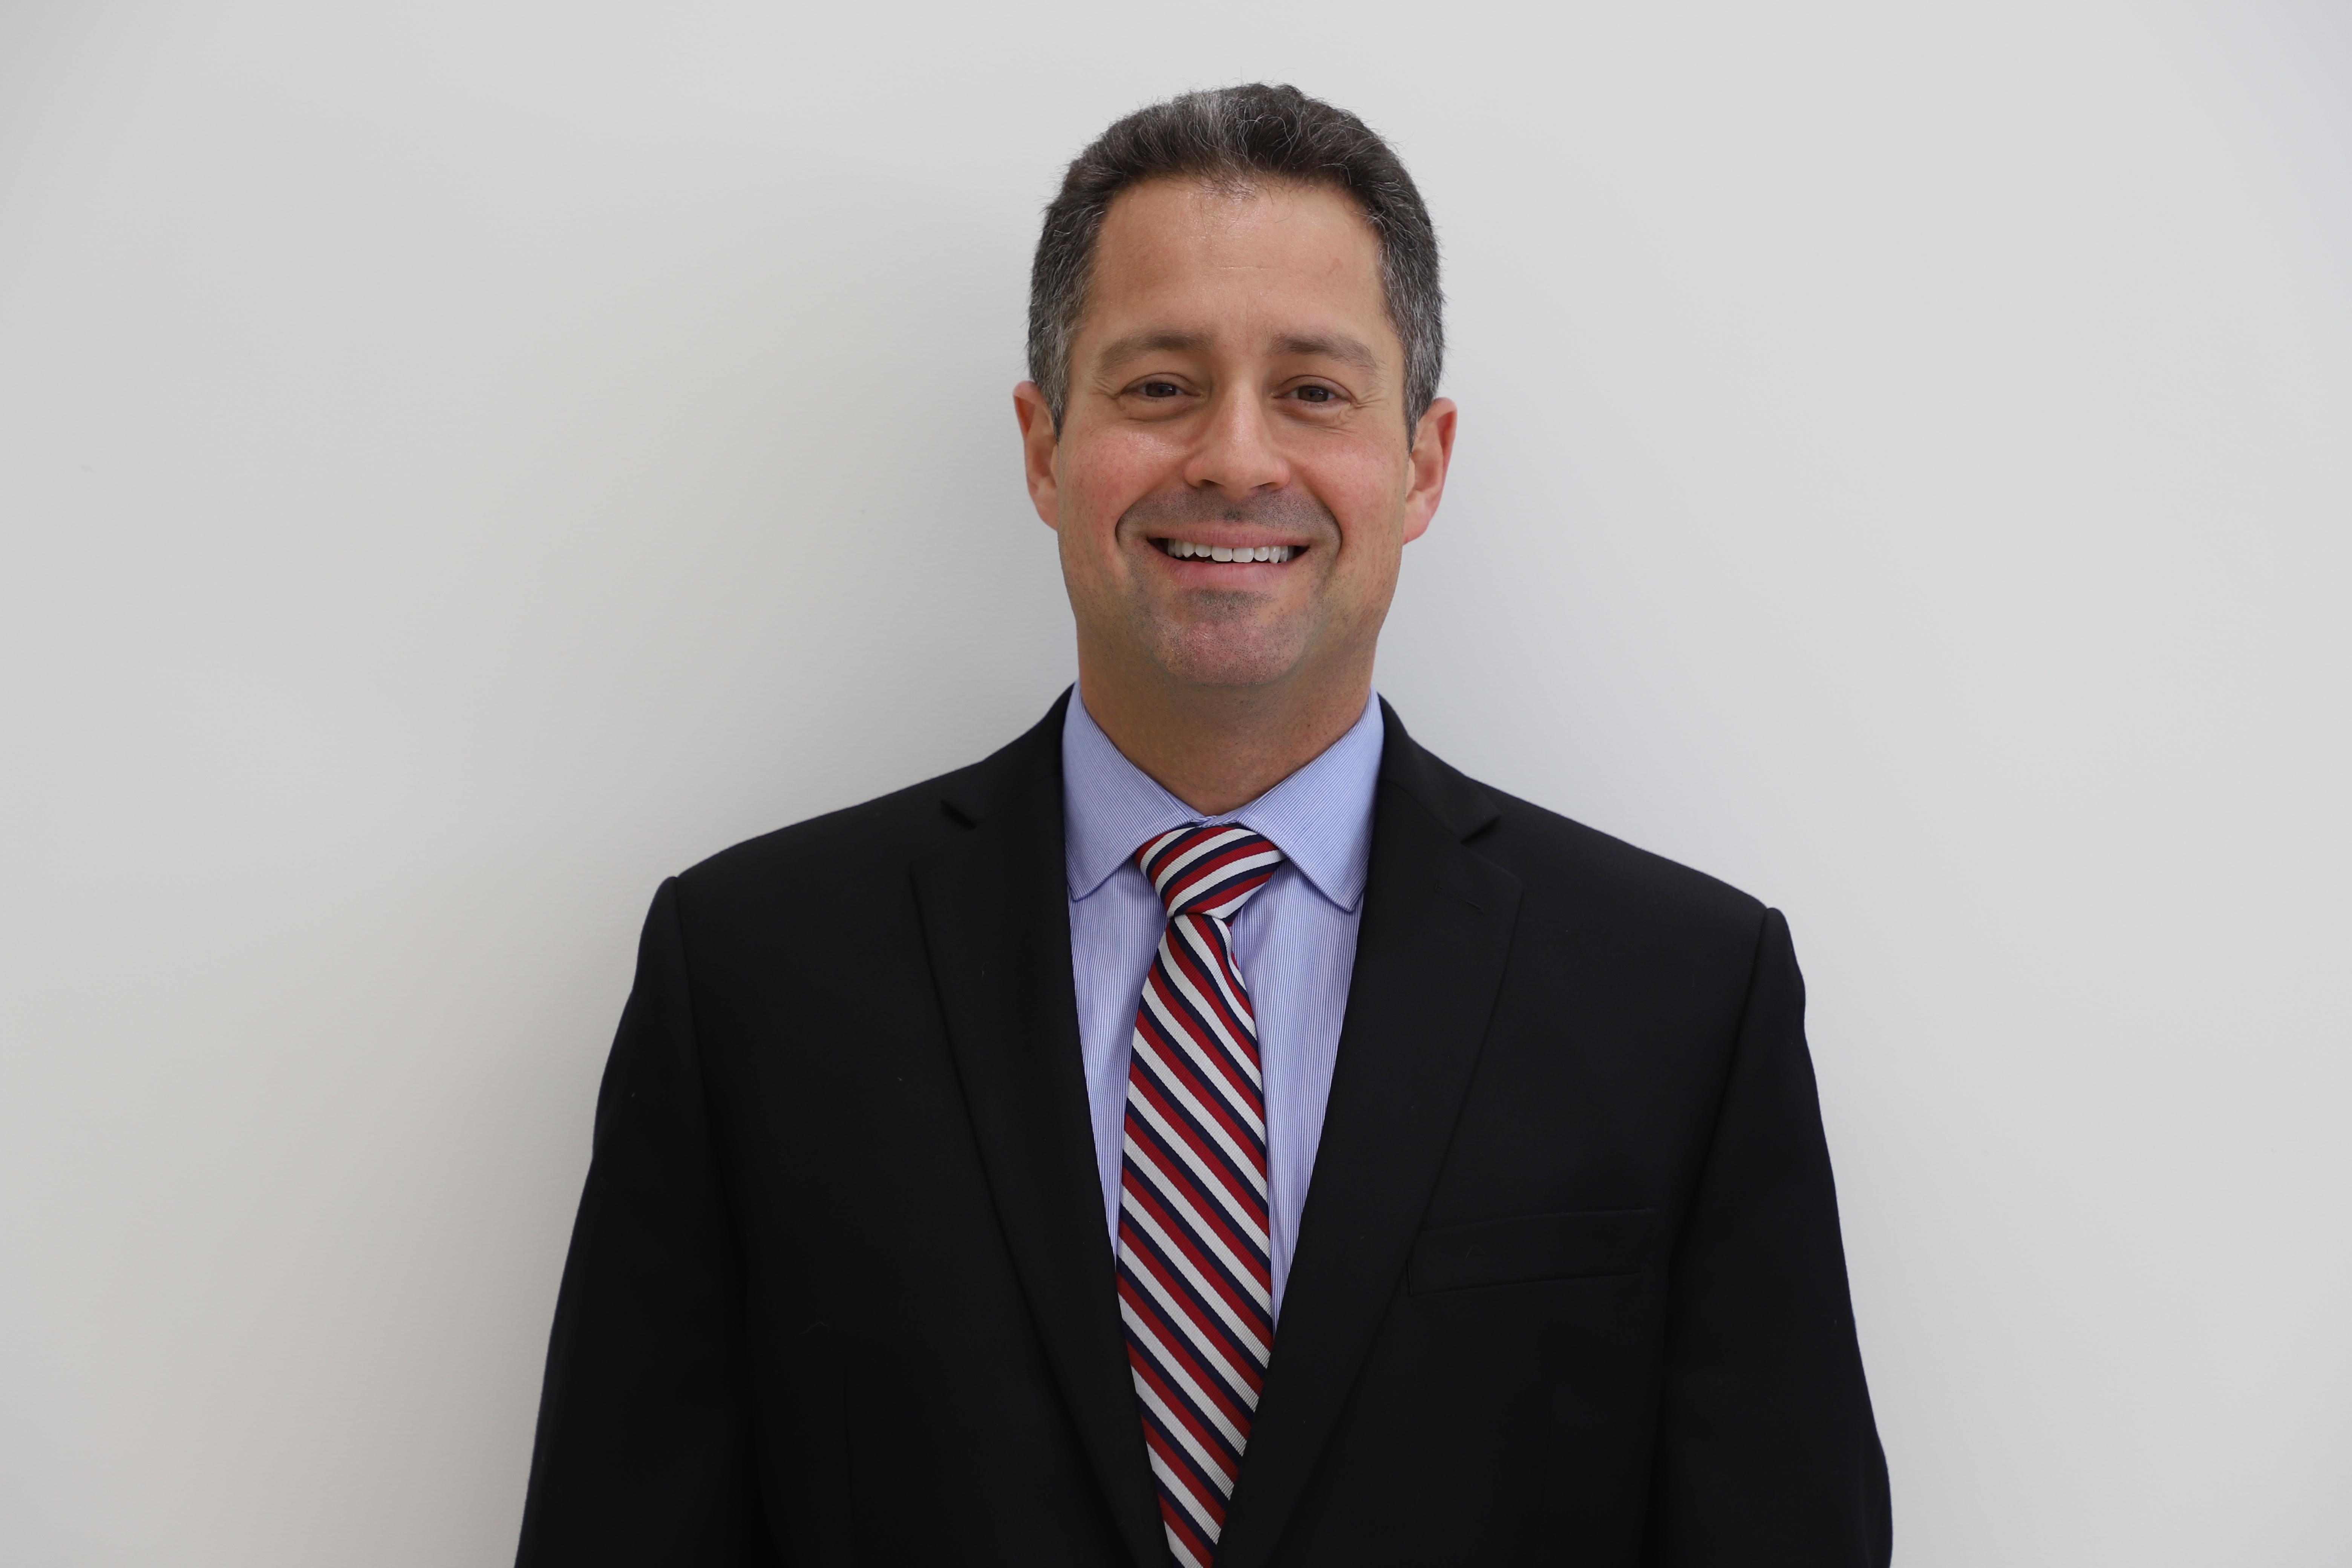 Matthew Horowitz - Director of Marketing